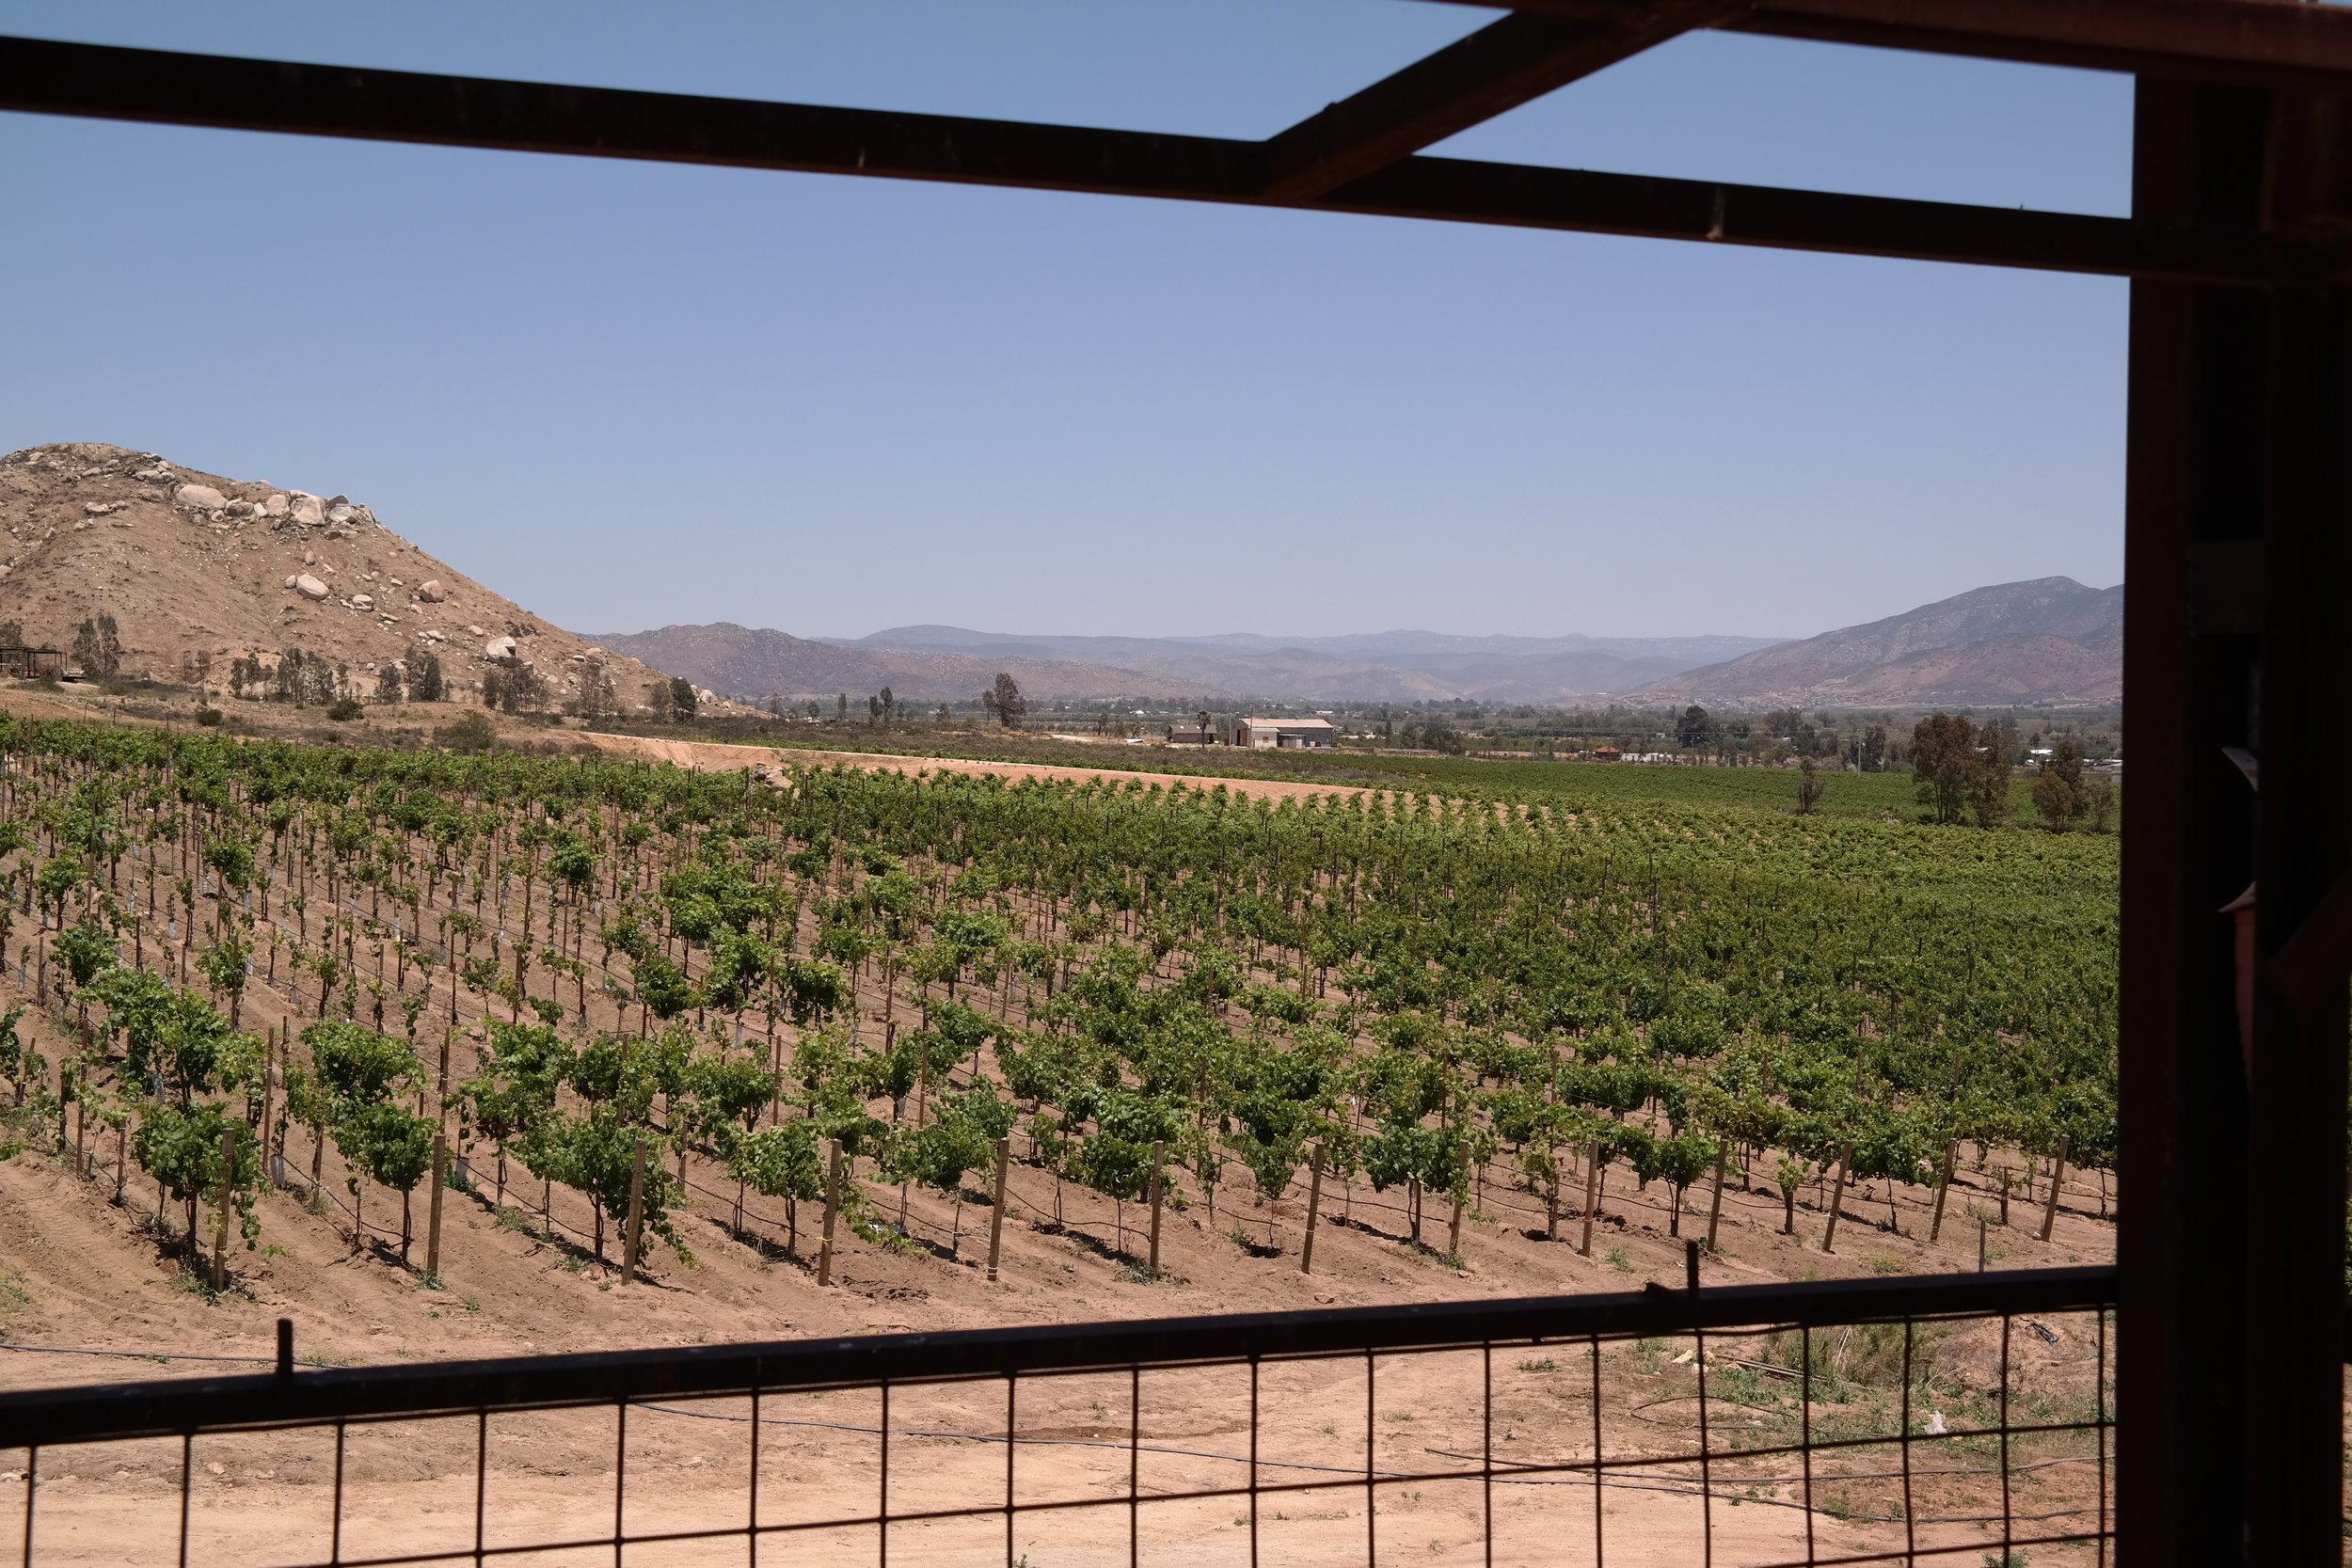 Valle de Guadalupe Ensenada Mexico